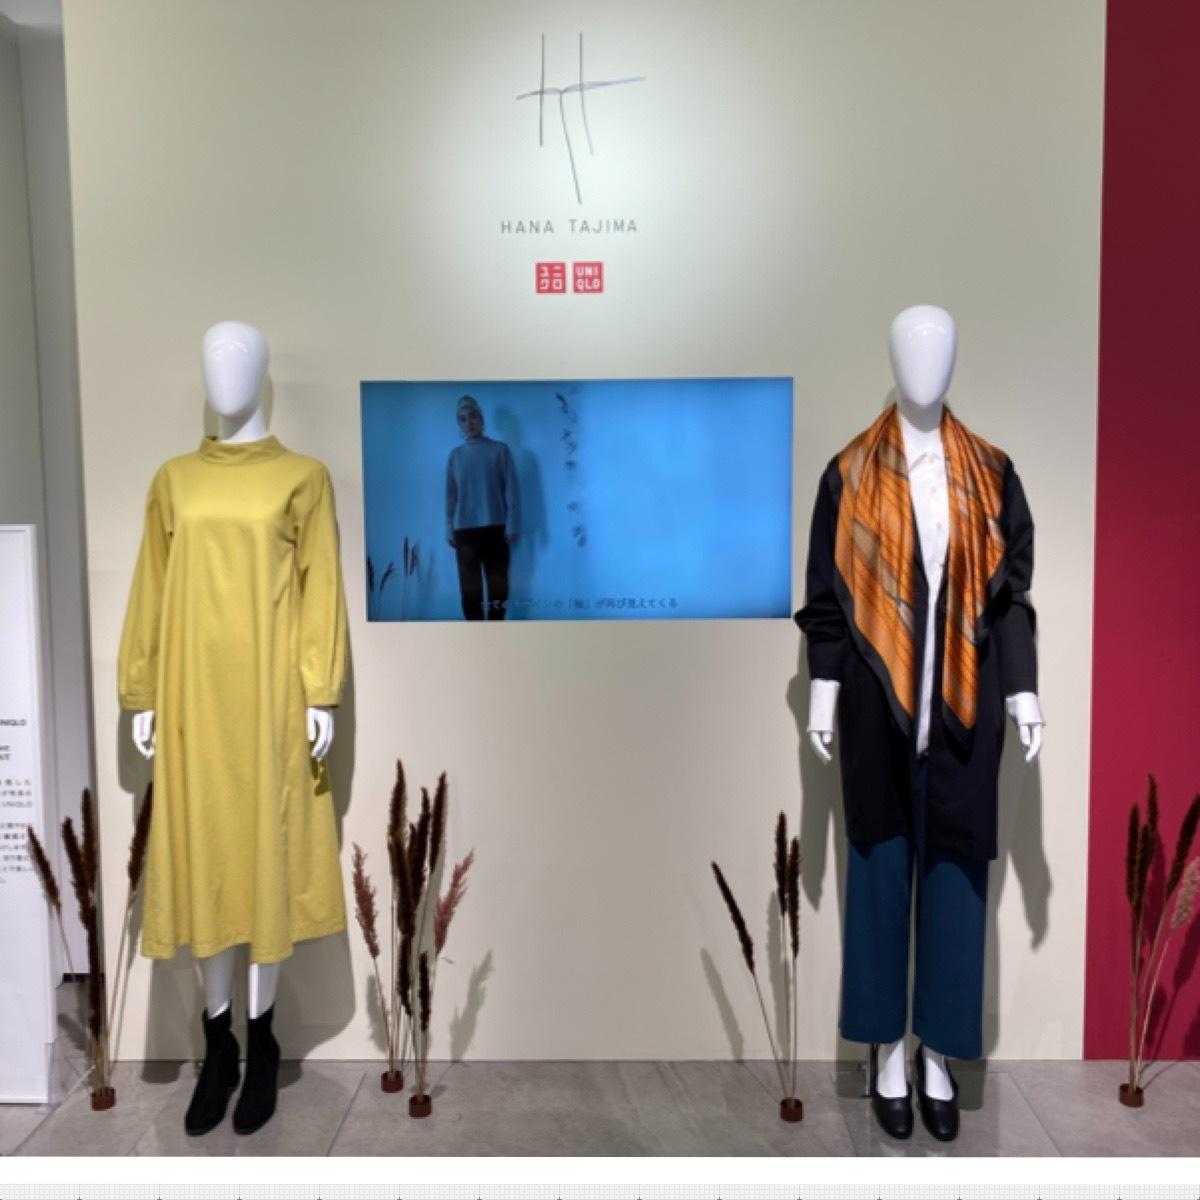 ユニクロ UNIQLO 2021 2022 秋冬 展示会 レポート 新作 おすすめ ハナタジマ エアリズム